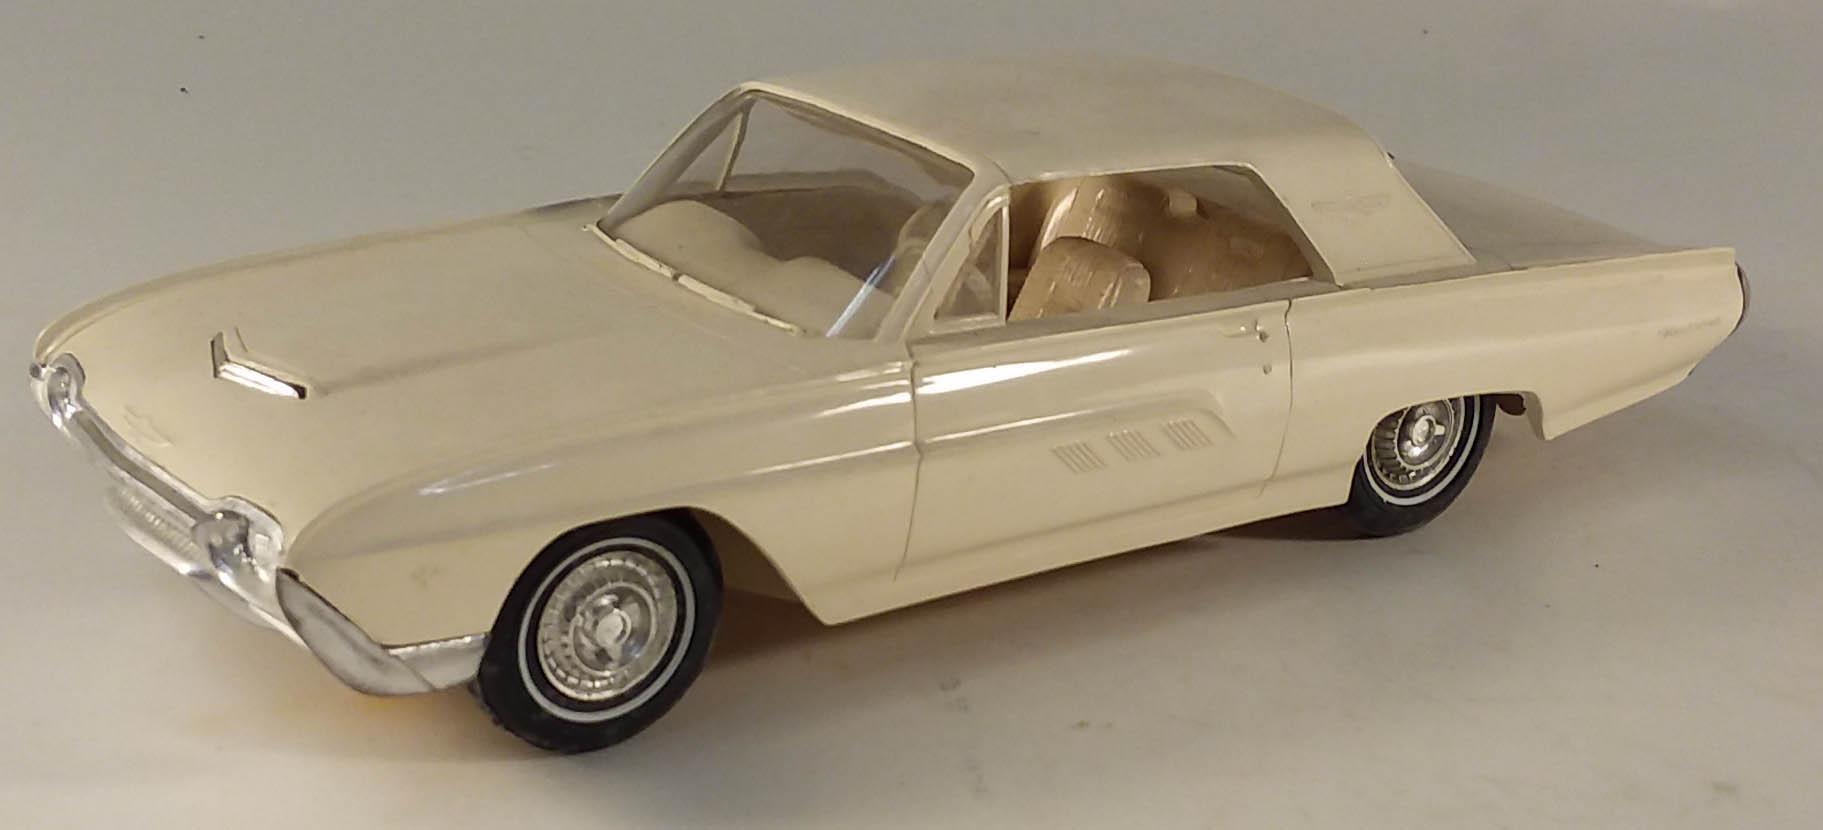 1963 Ford Thunderbird Coupe dealer promo 1/25 model